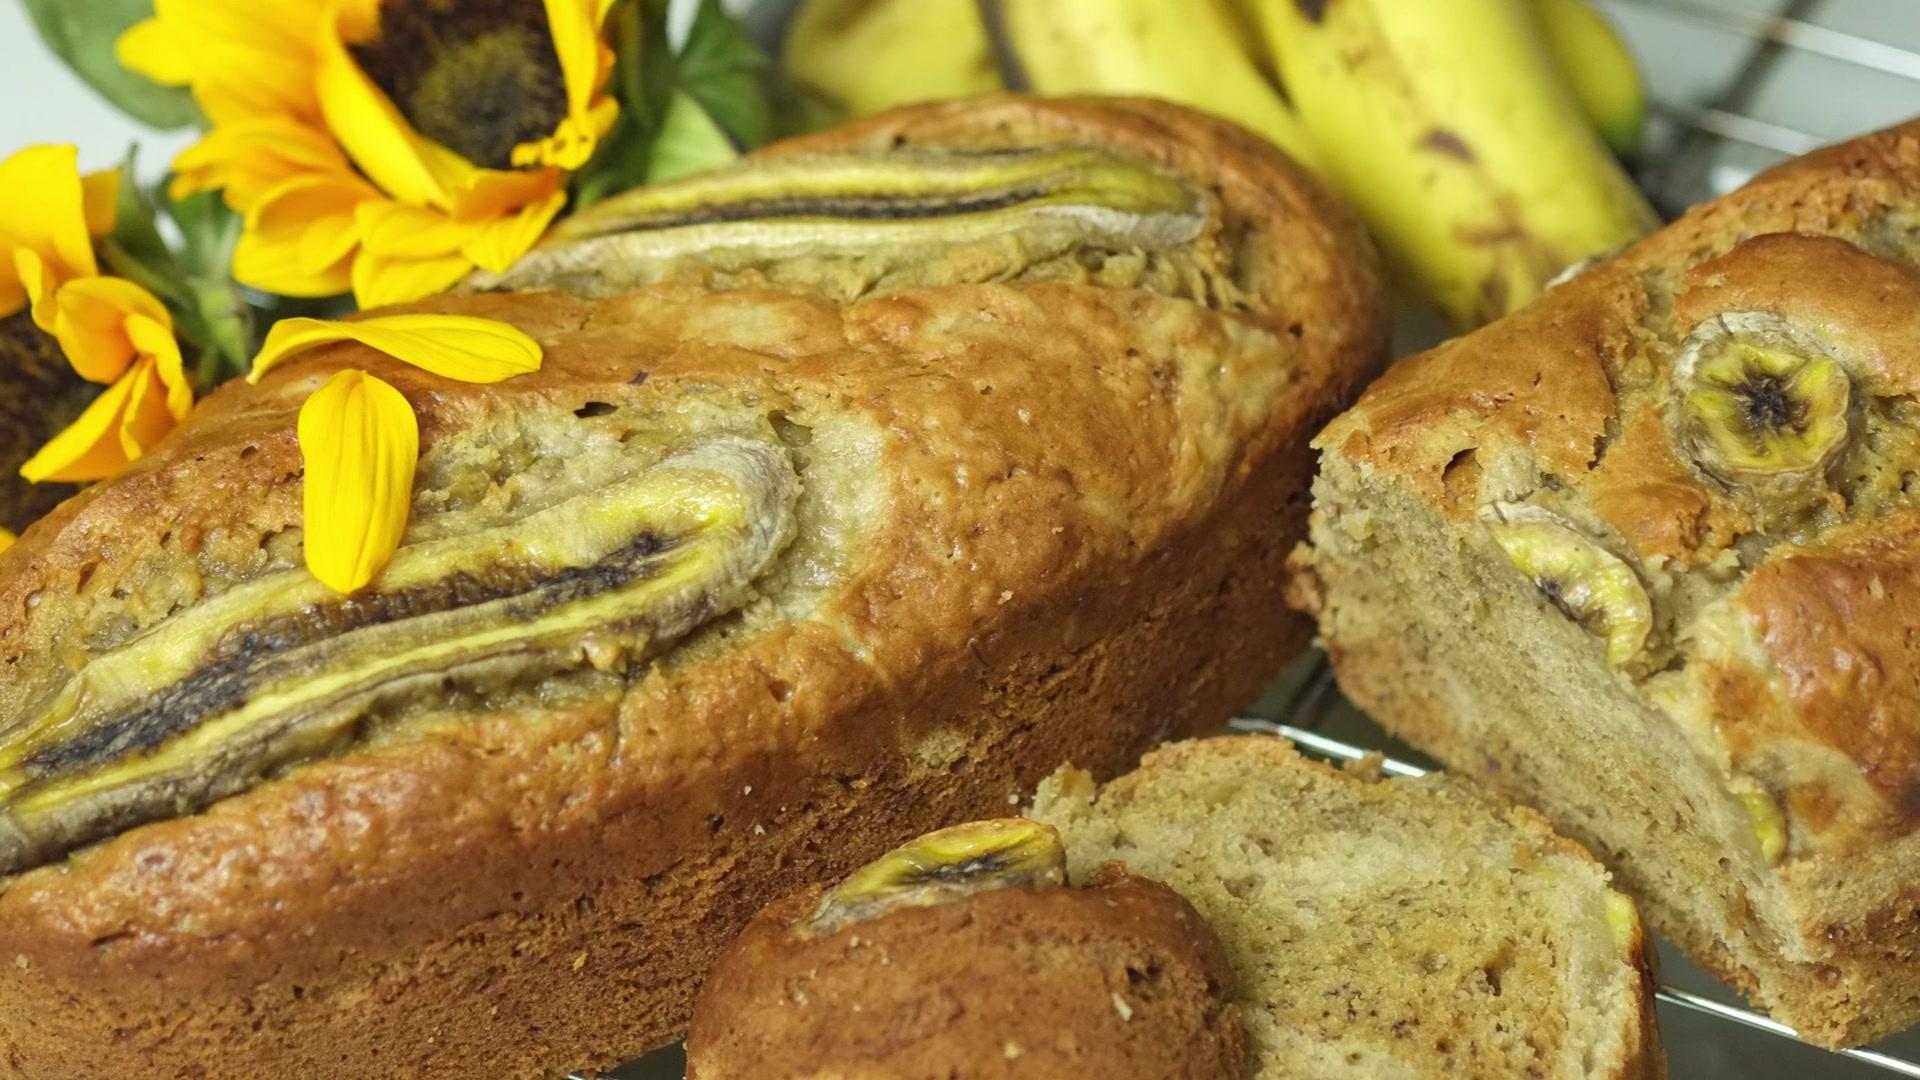 Cách làm bánh bông lan chuối thơm ngon bổ dưỡng cho bữa sáng gia đình-1 cách làm bánh bông lan chuối Siêu ngon với cách làm bánh bông lan chuối bổ dưỡng cho bữa sáng H     ng d   n l  m b  nh b  ng lan chu   i Banana cake 02